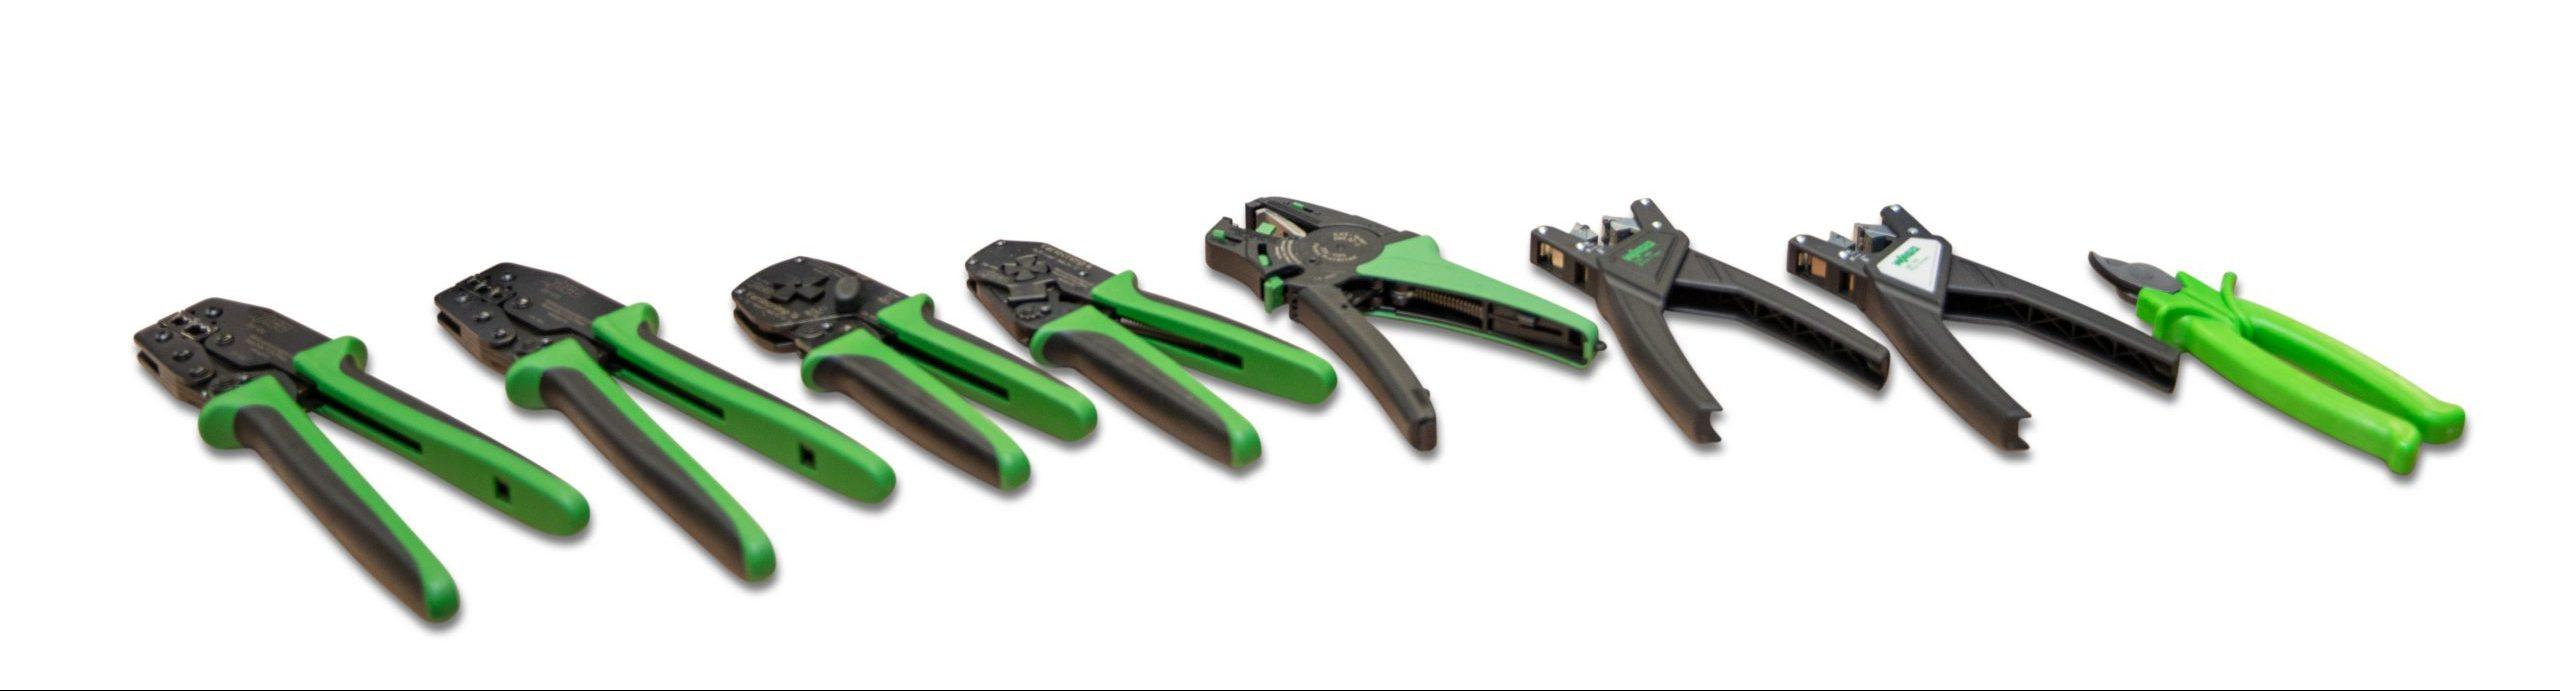 Werkzeuge zum Abmanteln, Abisolieren, Crimpen und Messen